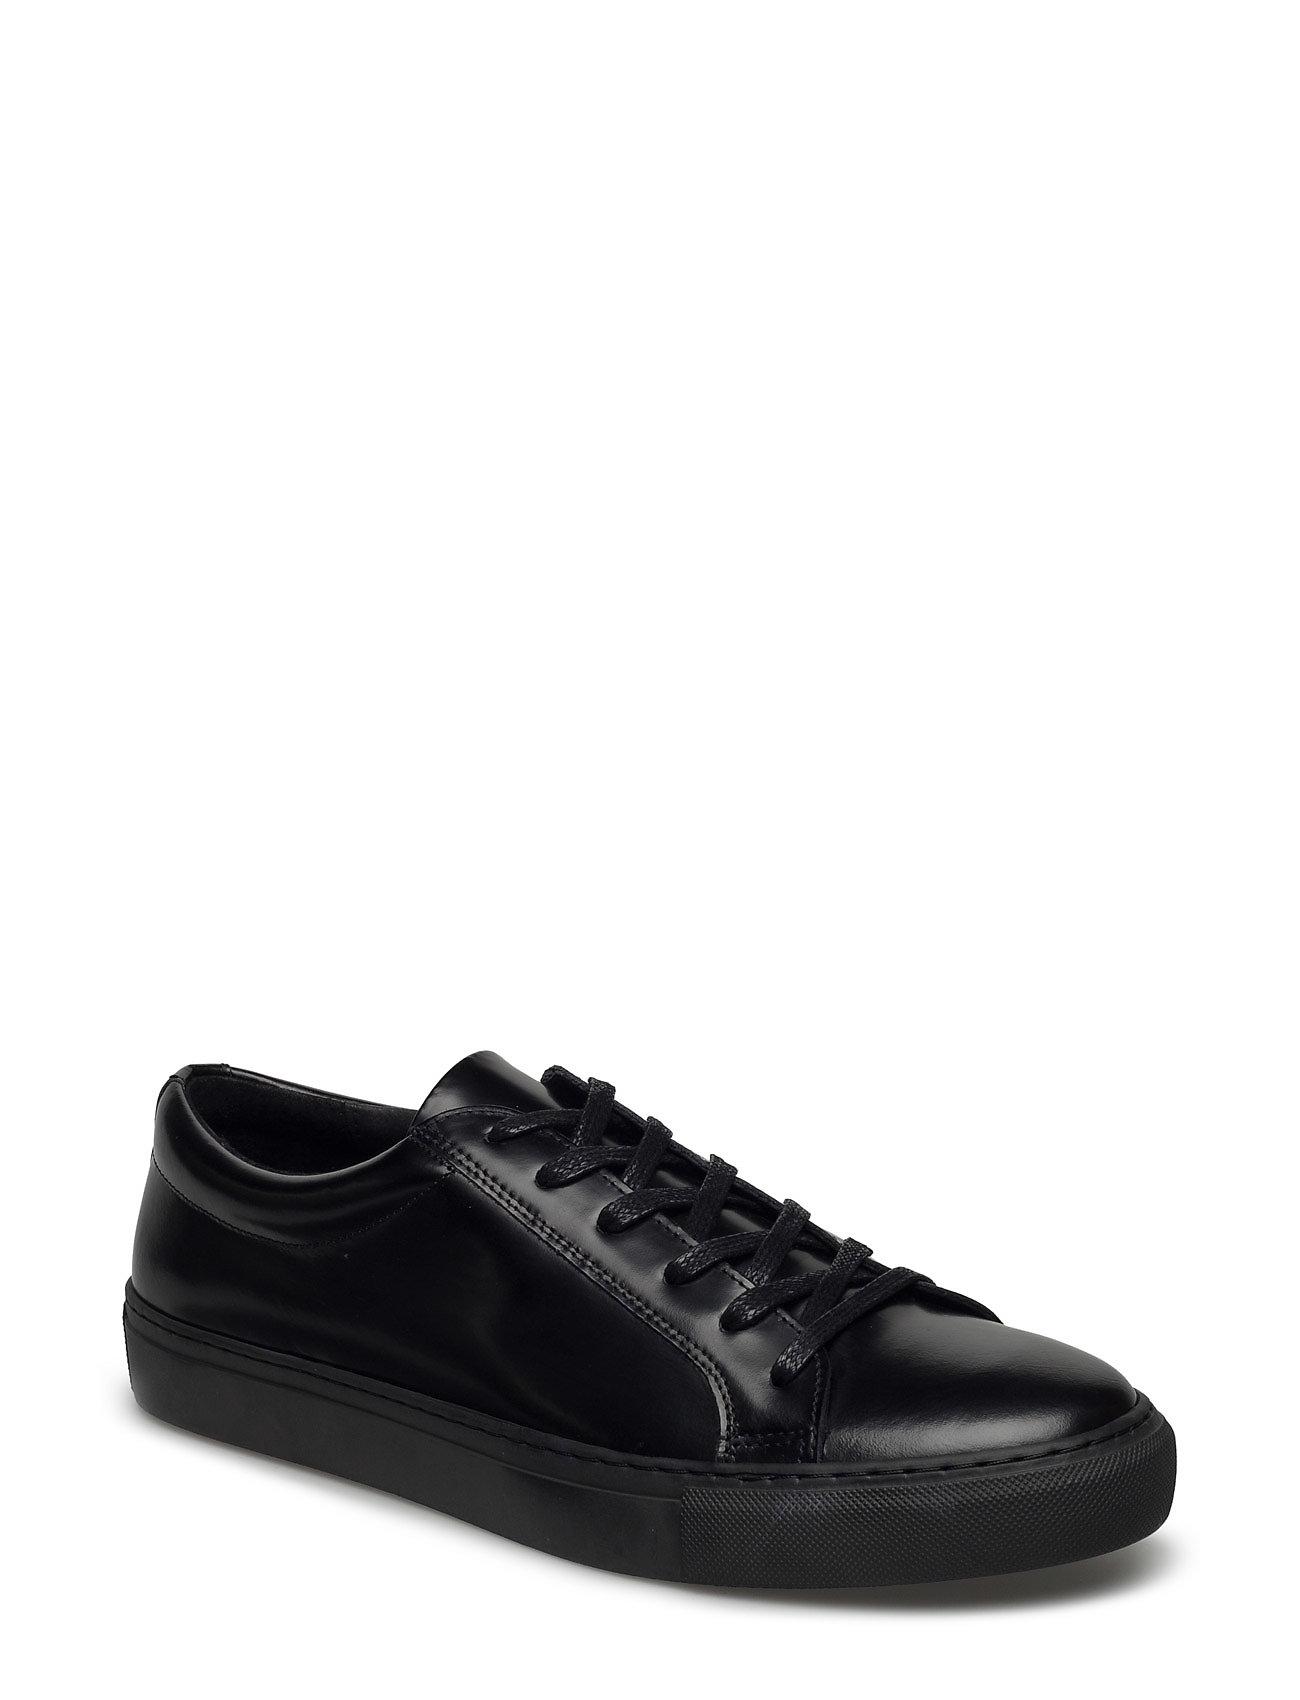 Black Glossy Trainer Landa Matinique Sneakers til Herrer i Sort